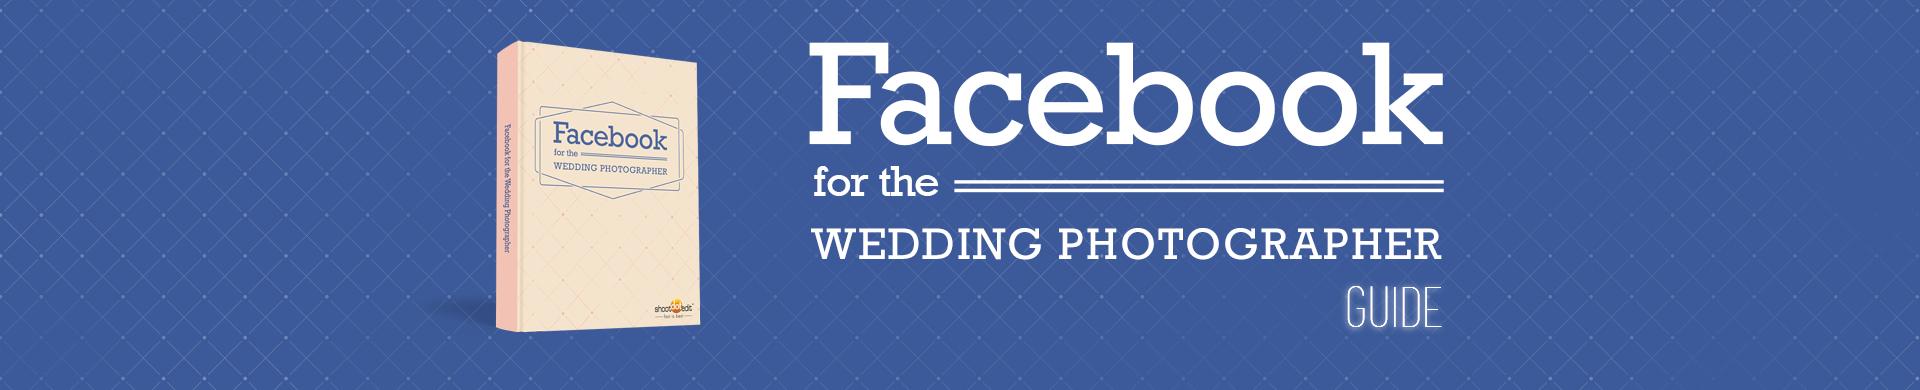 FacebookGuide_Header